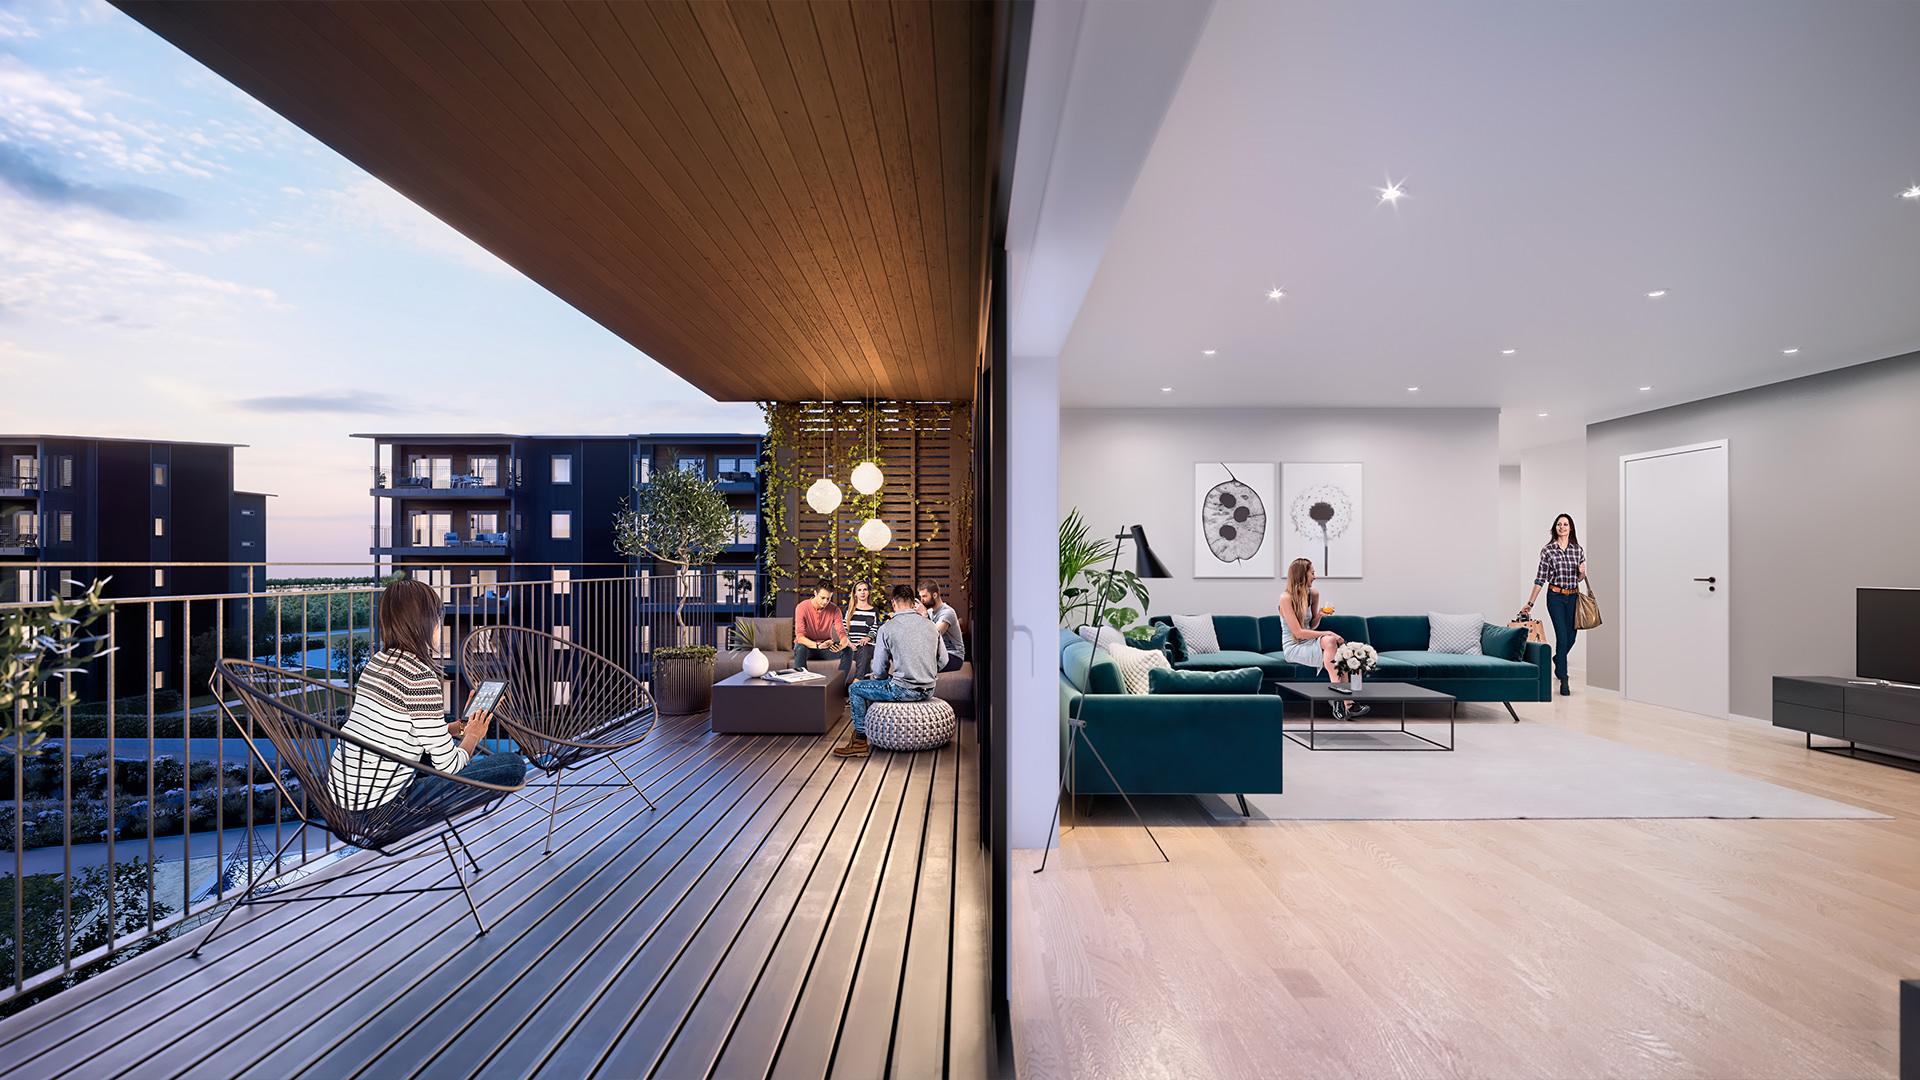 møre royal terrasse verksbyen fredrikstad capjon park leiligheter